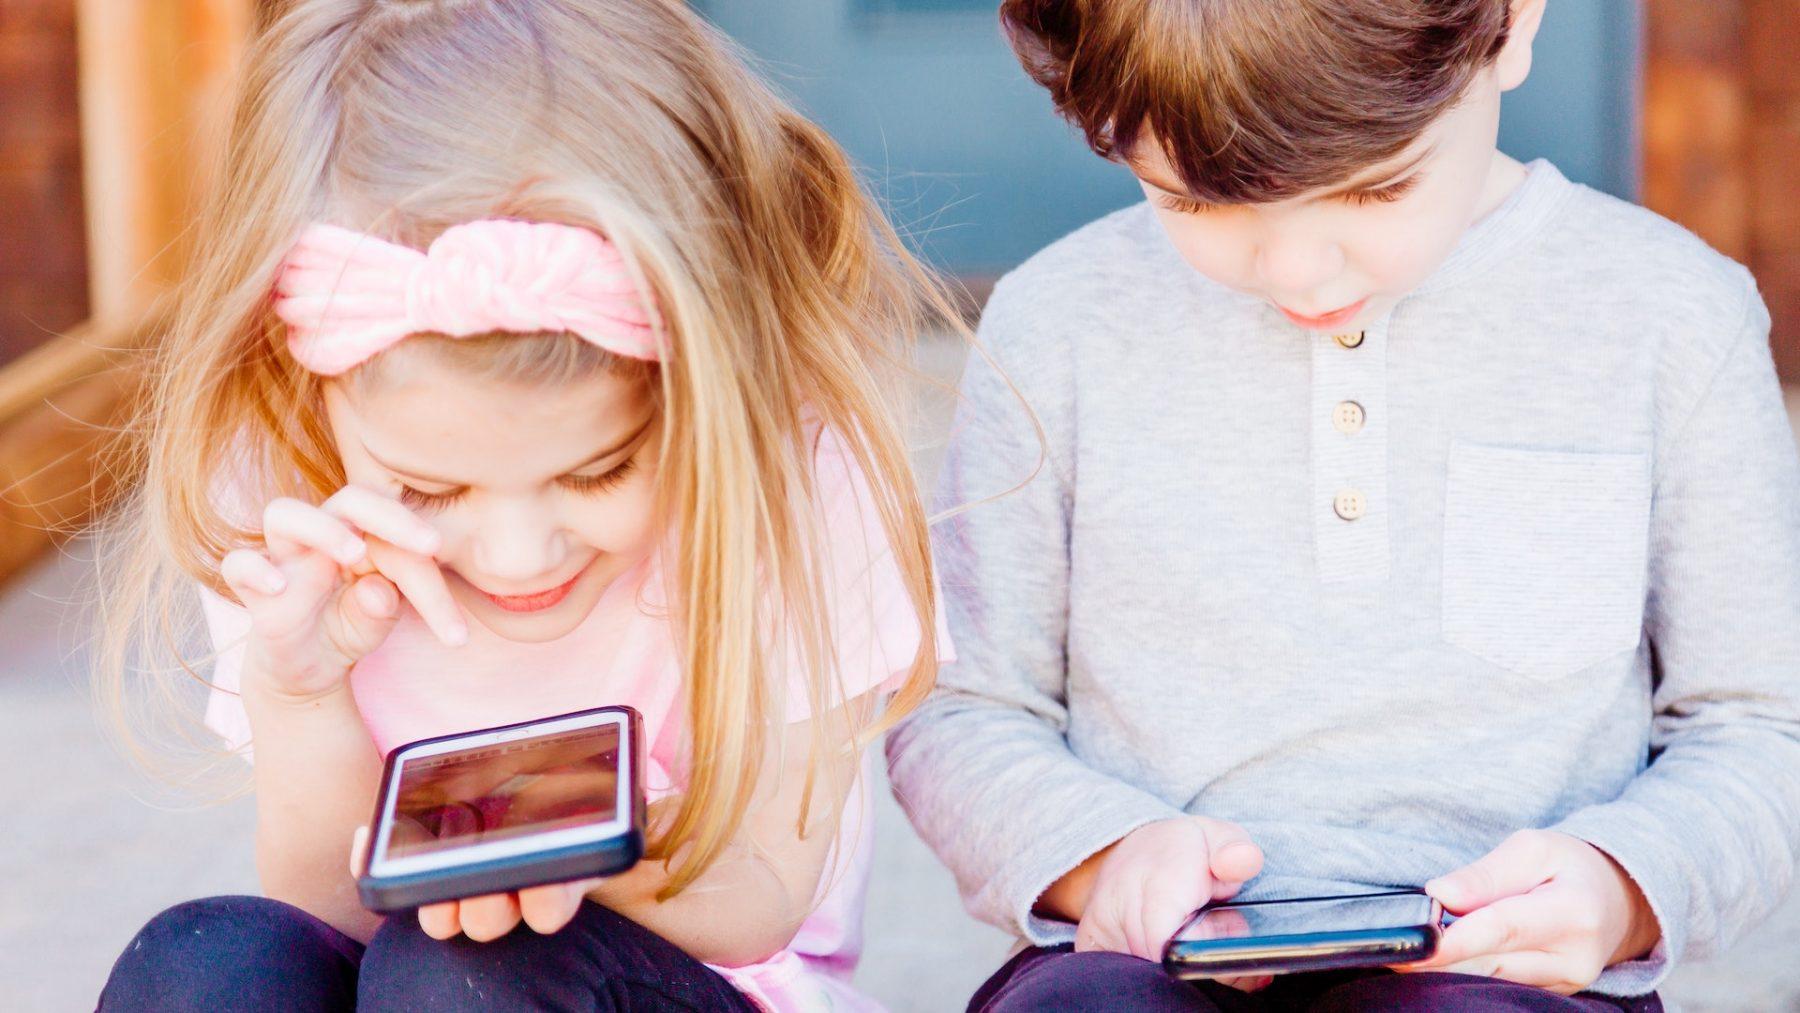 Ouders milder over effect media op kind, maar is dat terecht? Mediapedagoog geeft antwoord